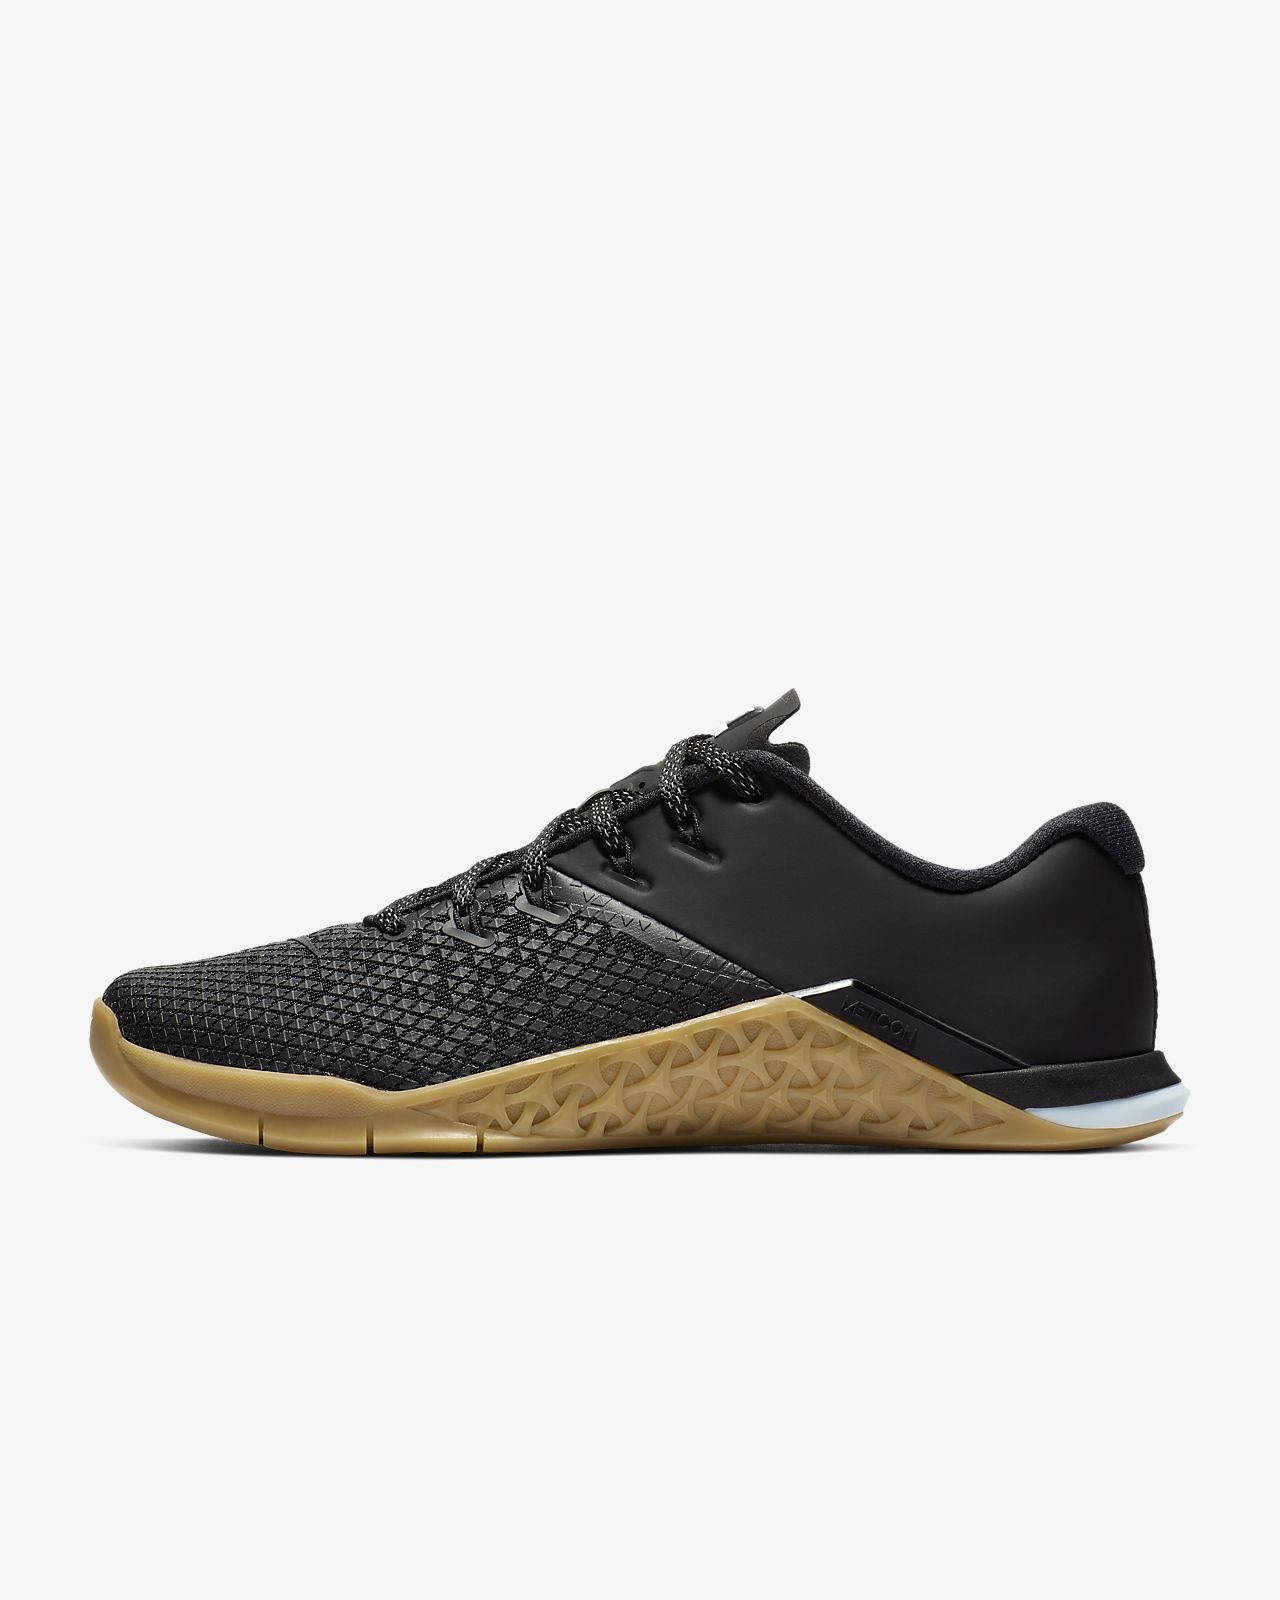 4fd55d4506ea ... Nike Metcon 4 XD X Chalkboard Women s Cross-Training Weightlifting Shoe